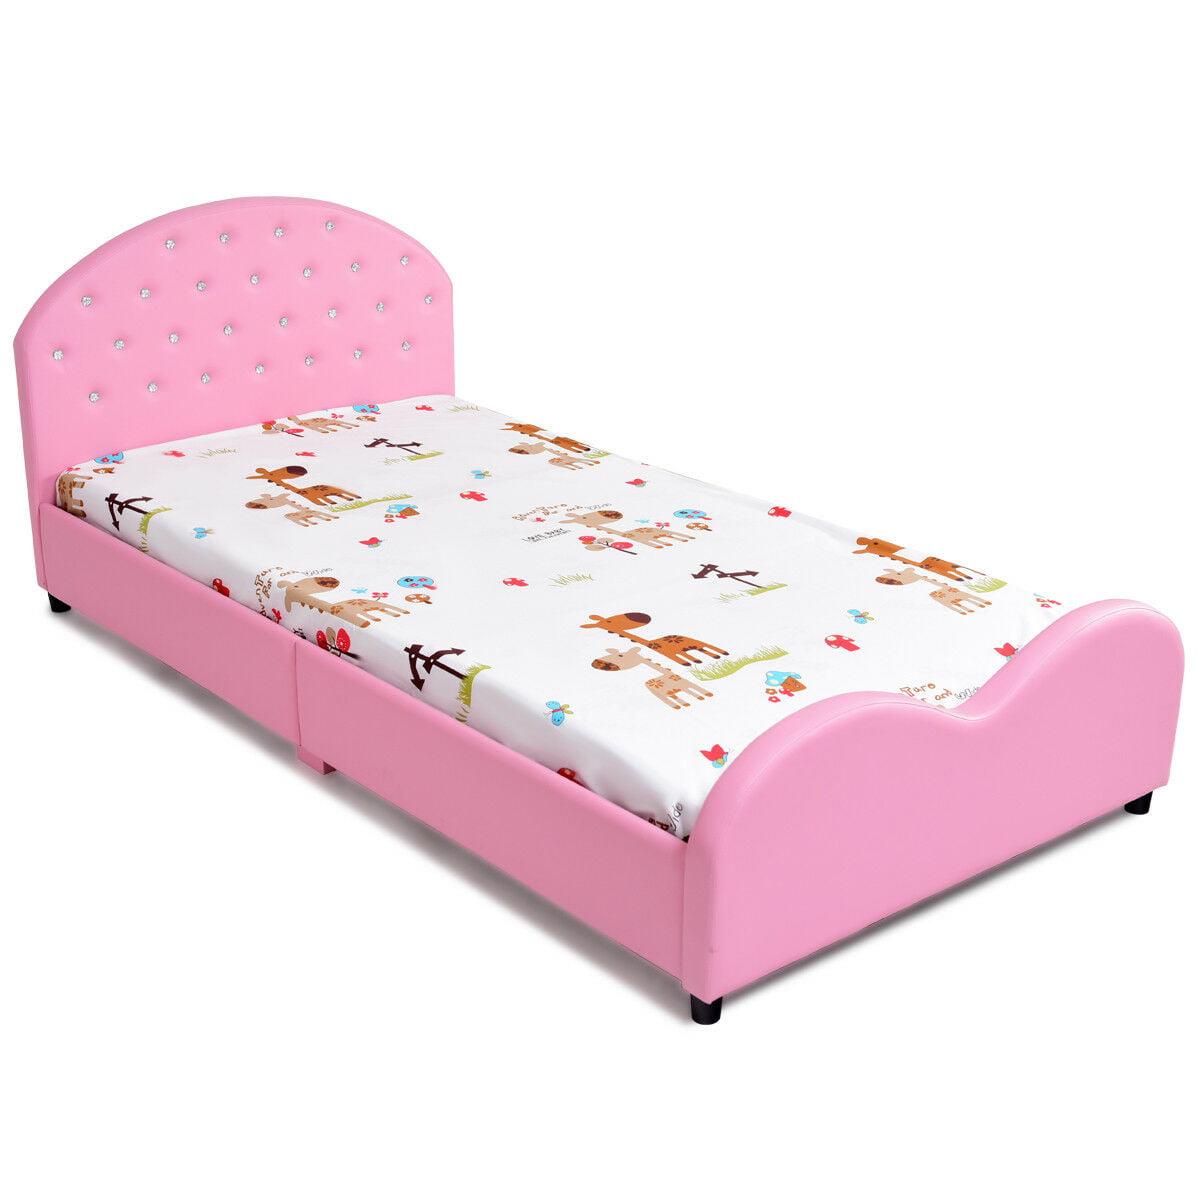 kids pu upholstered platform wooden princess bed bedroom